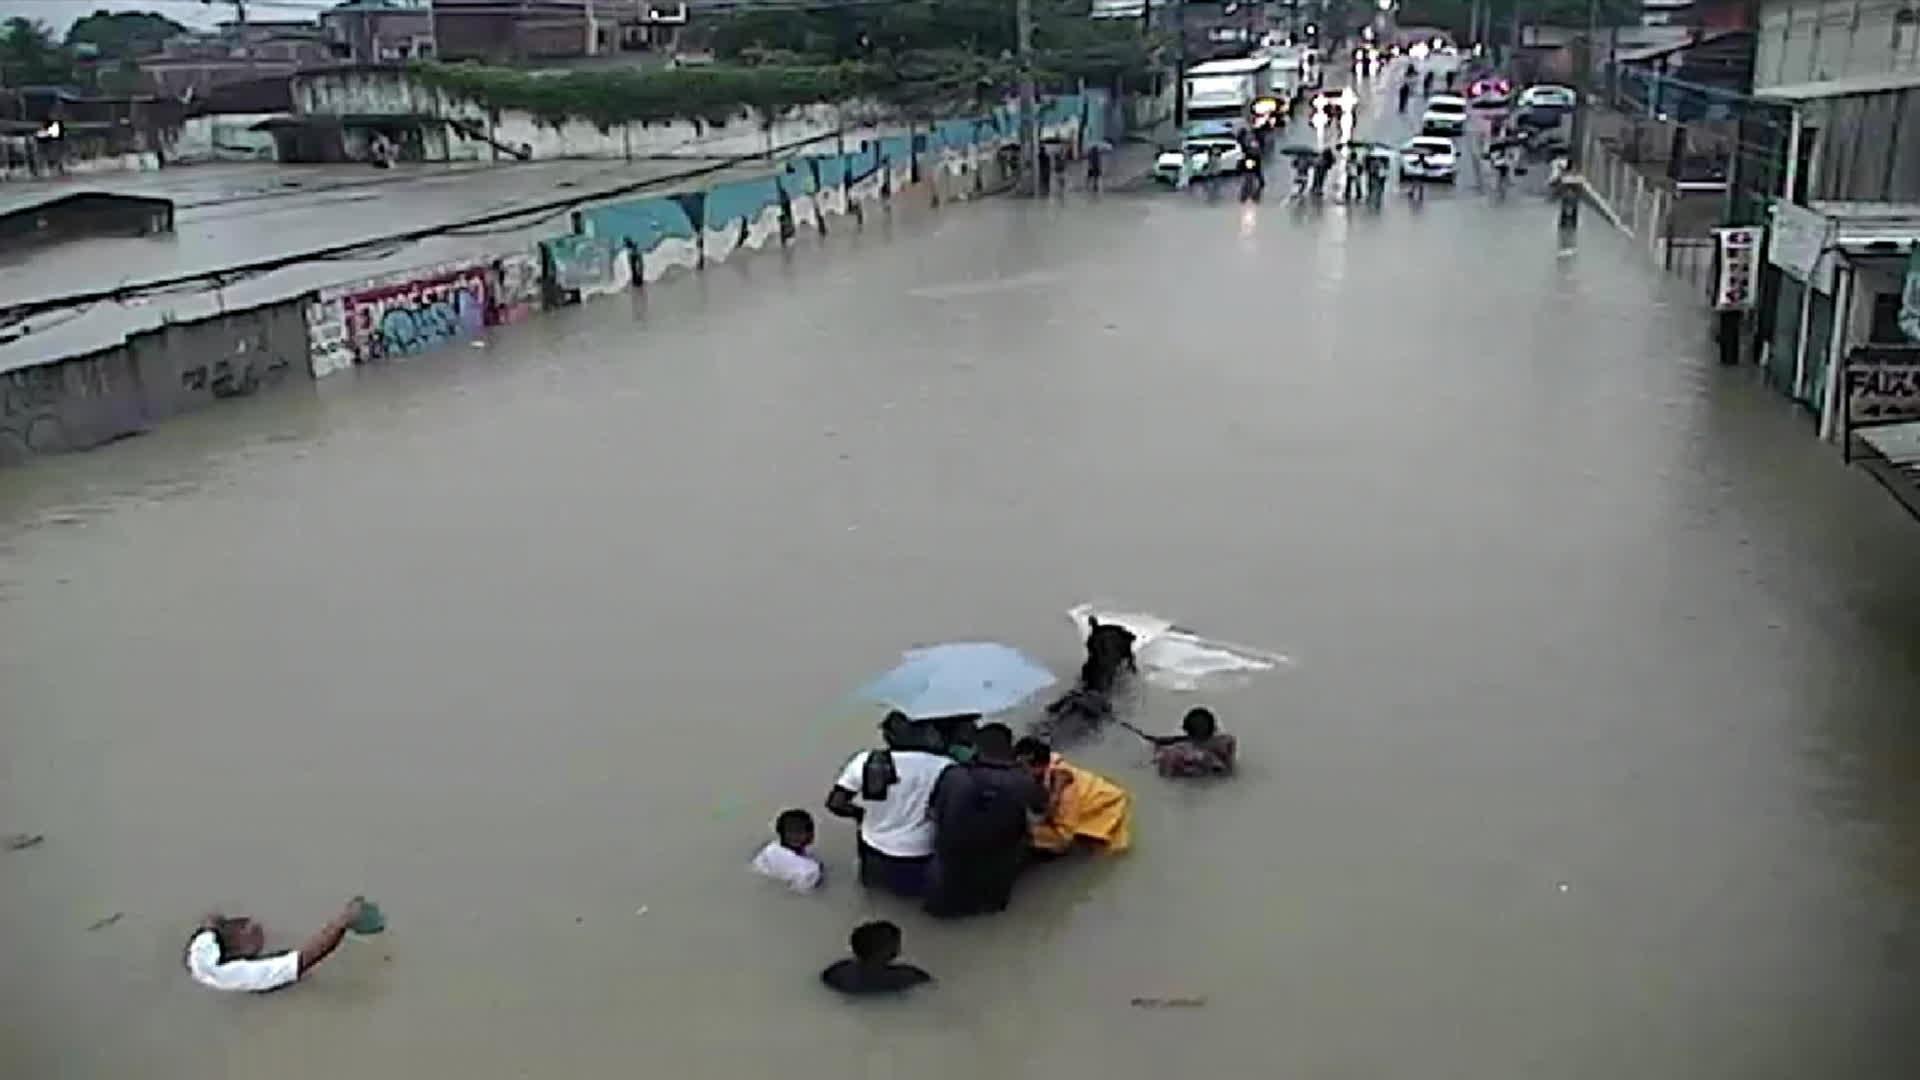 Apac alerta para mais chuvas e risco de inundação em áreas de rios no Grande Recife e Mata Norte